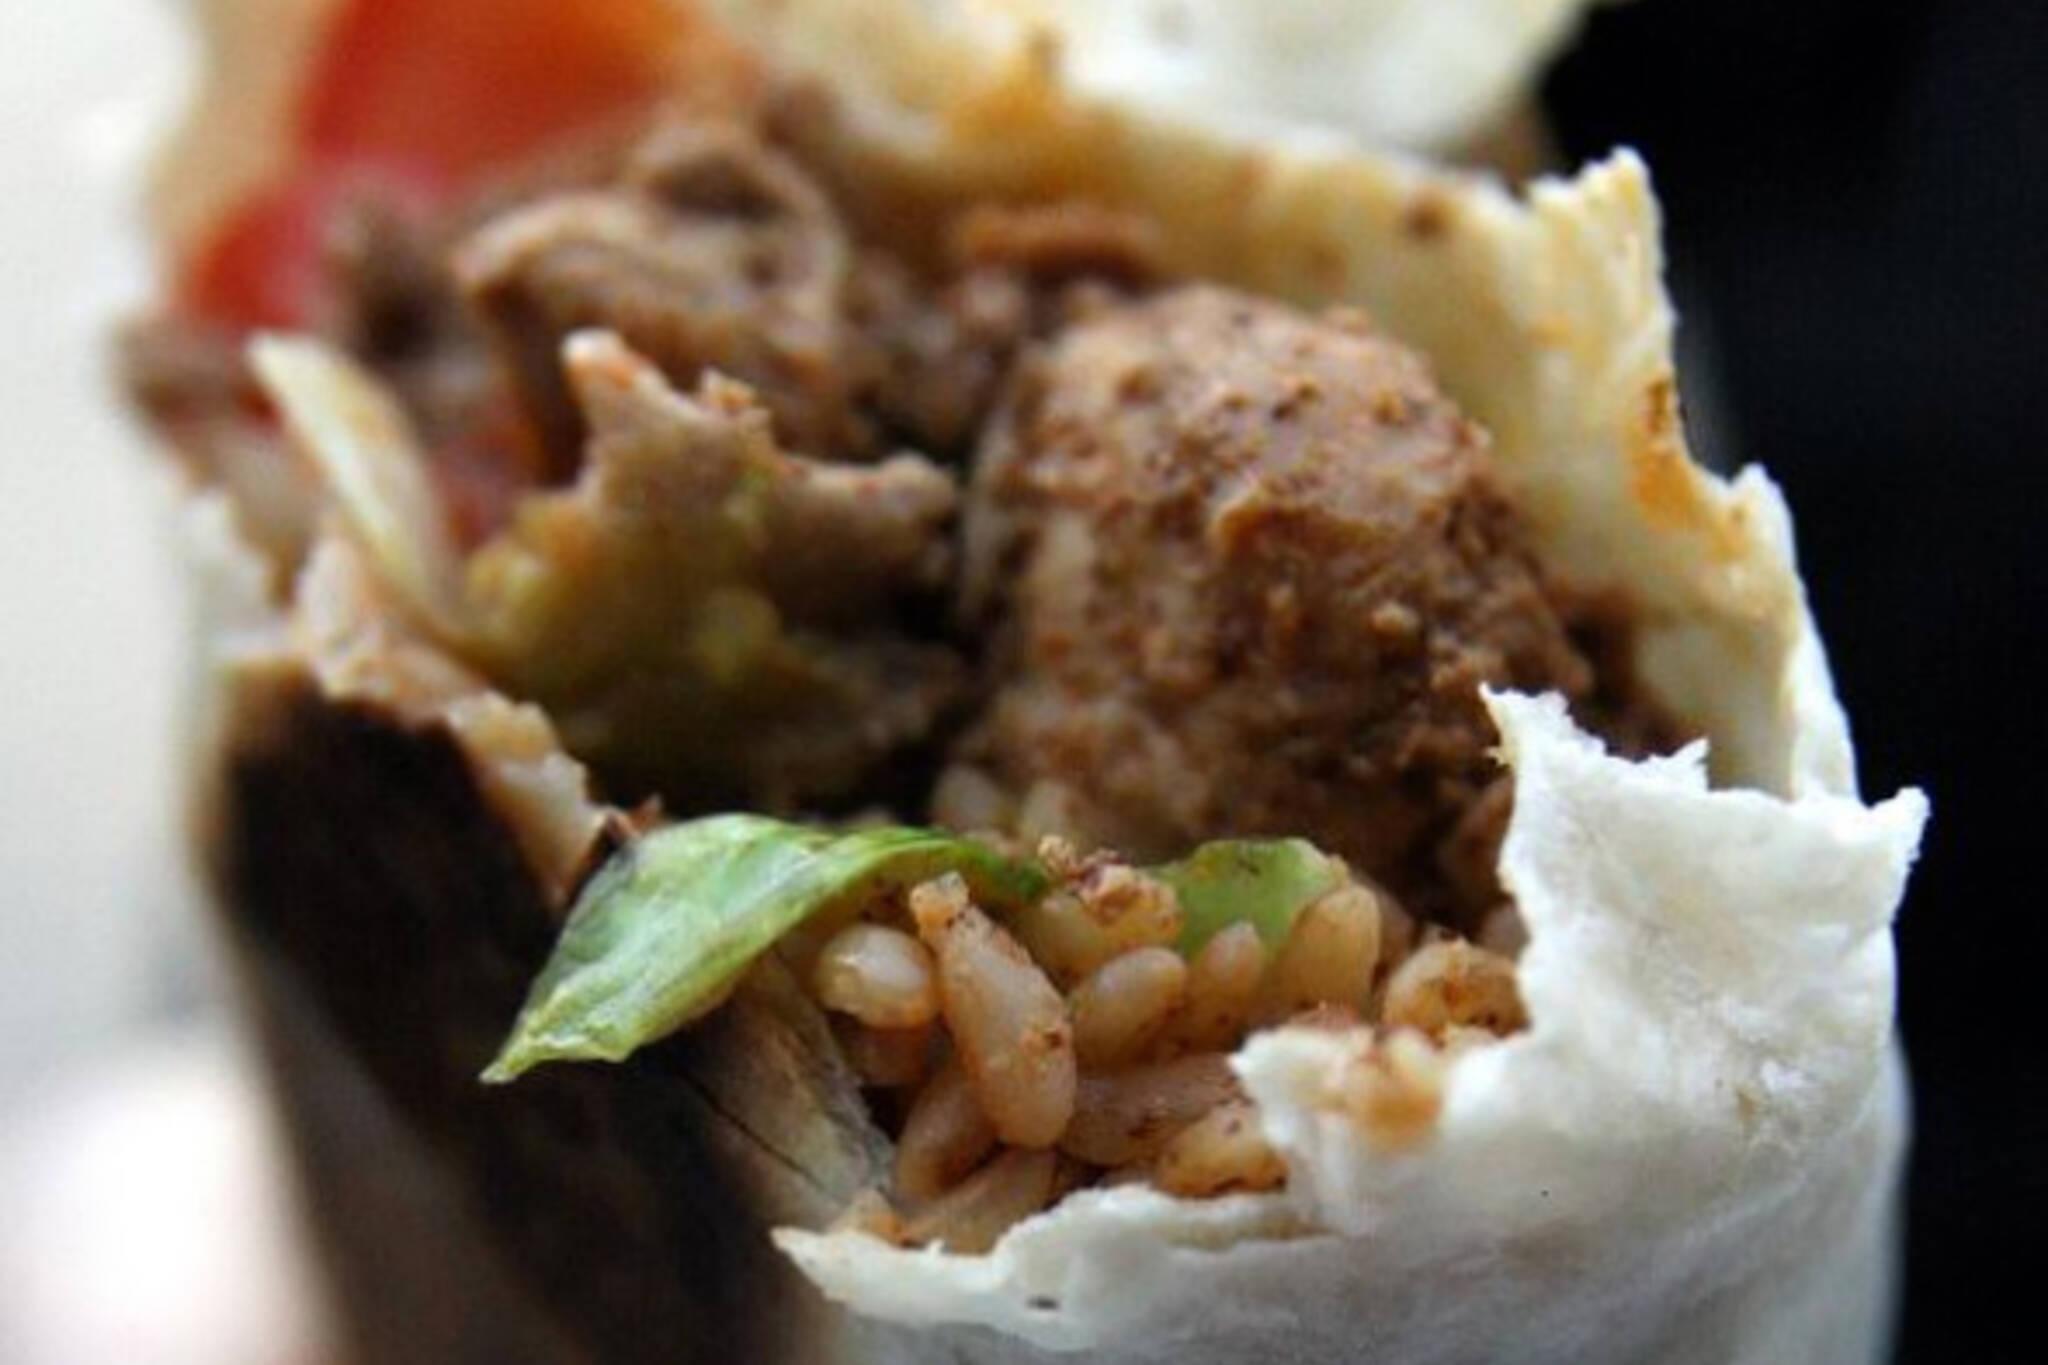 Burritos Annex